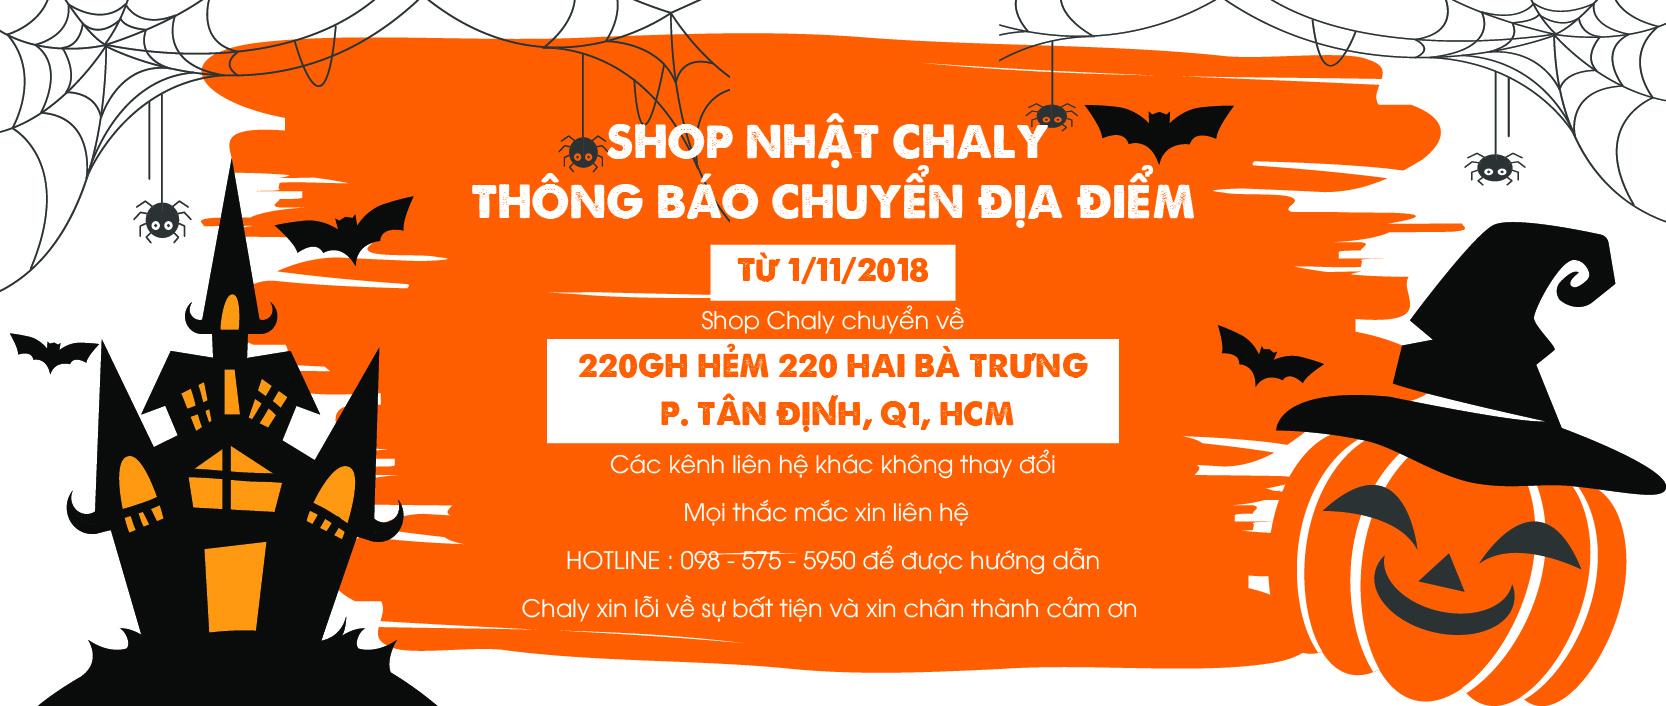 Shop Nhật Chaly đổi địa chỉ